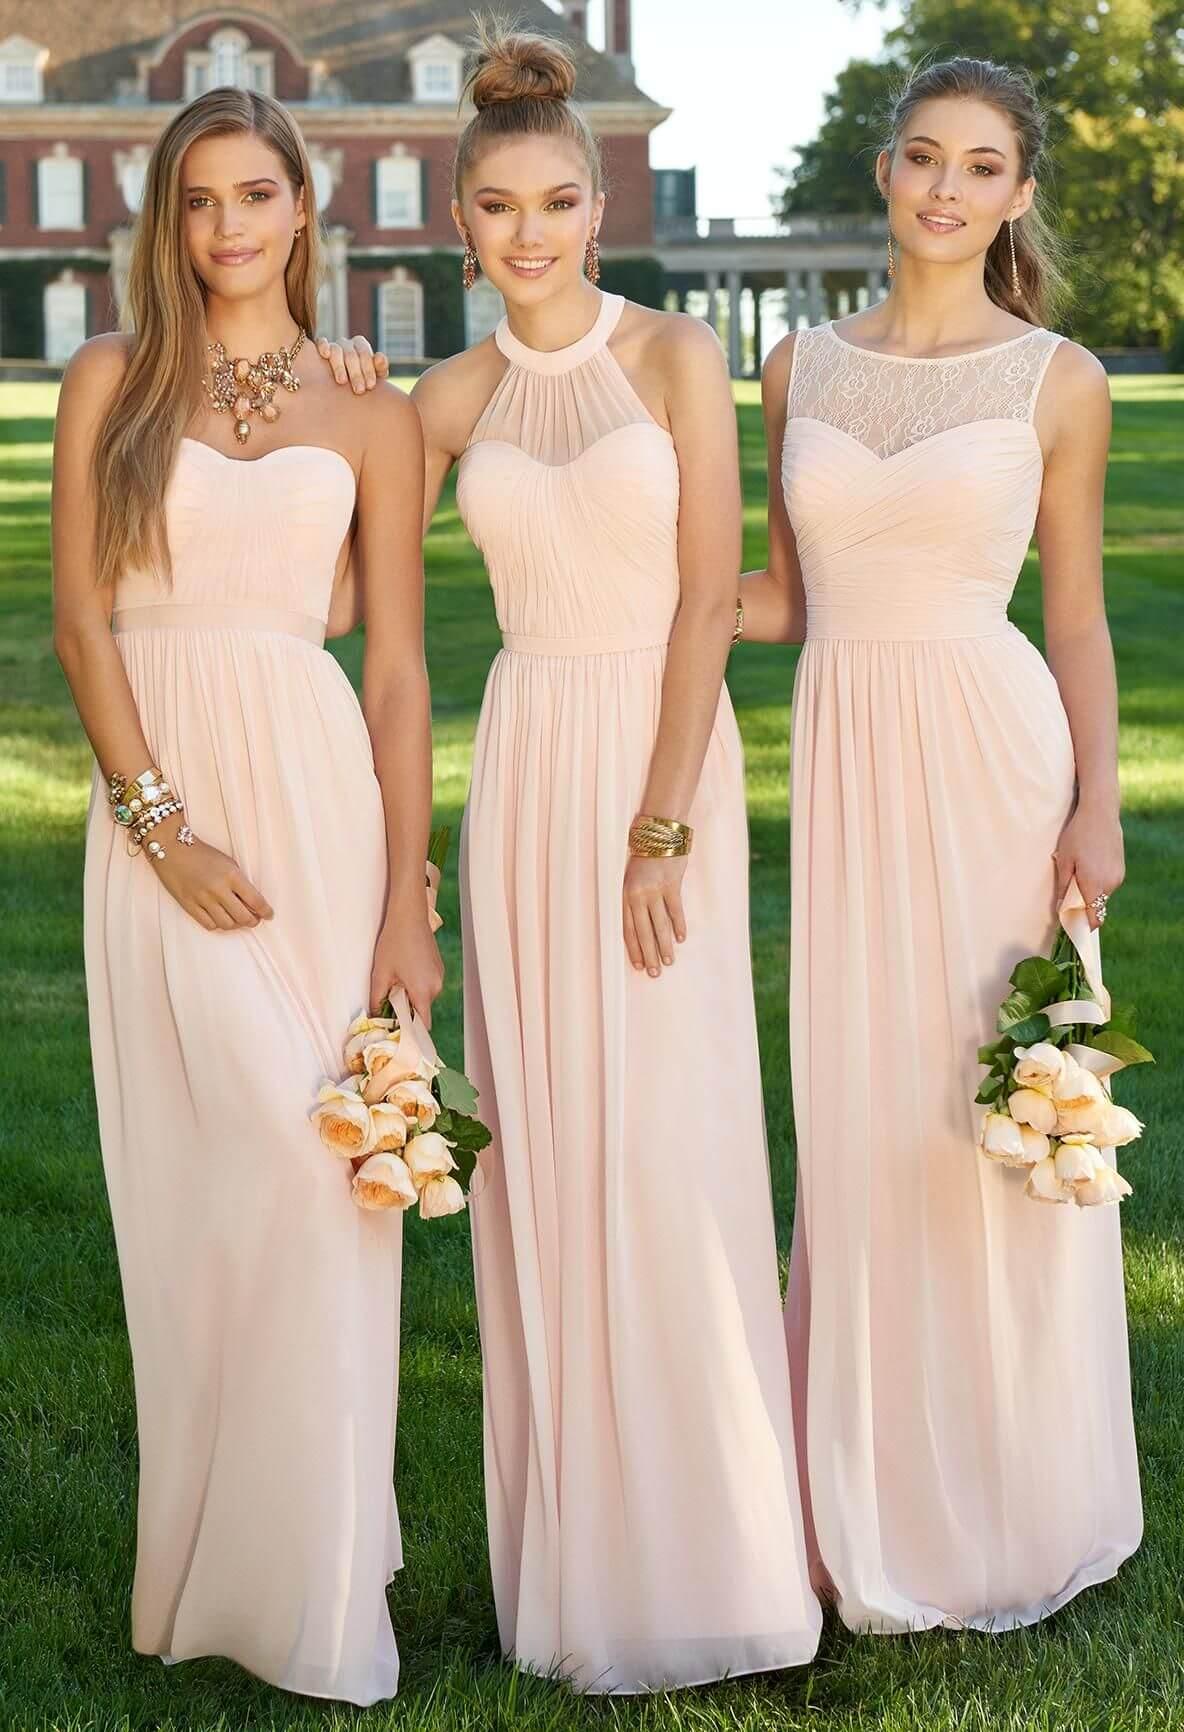 Színes, hosszú-rövid koszorúslány ruhák